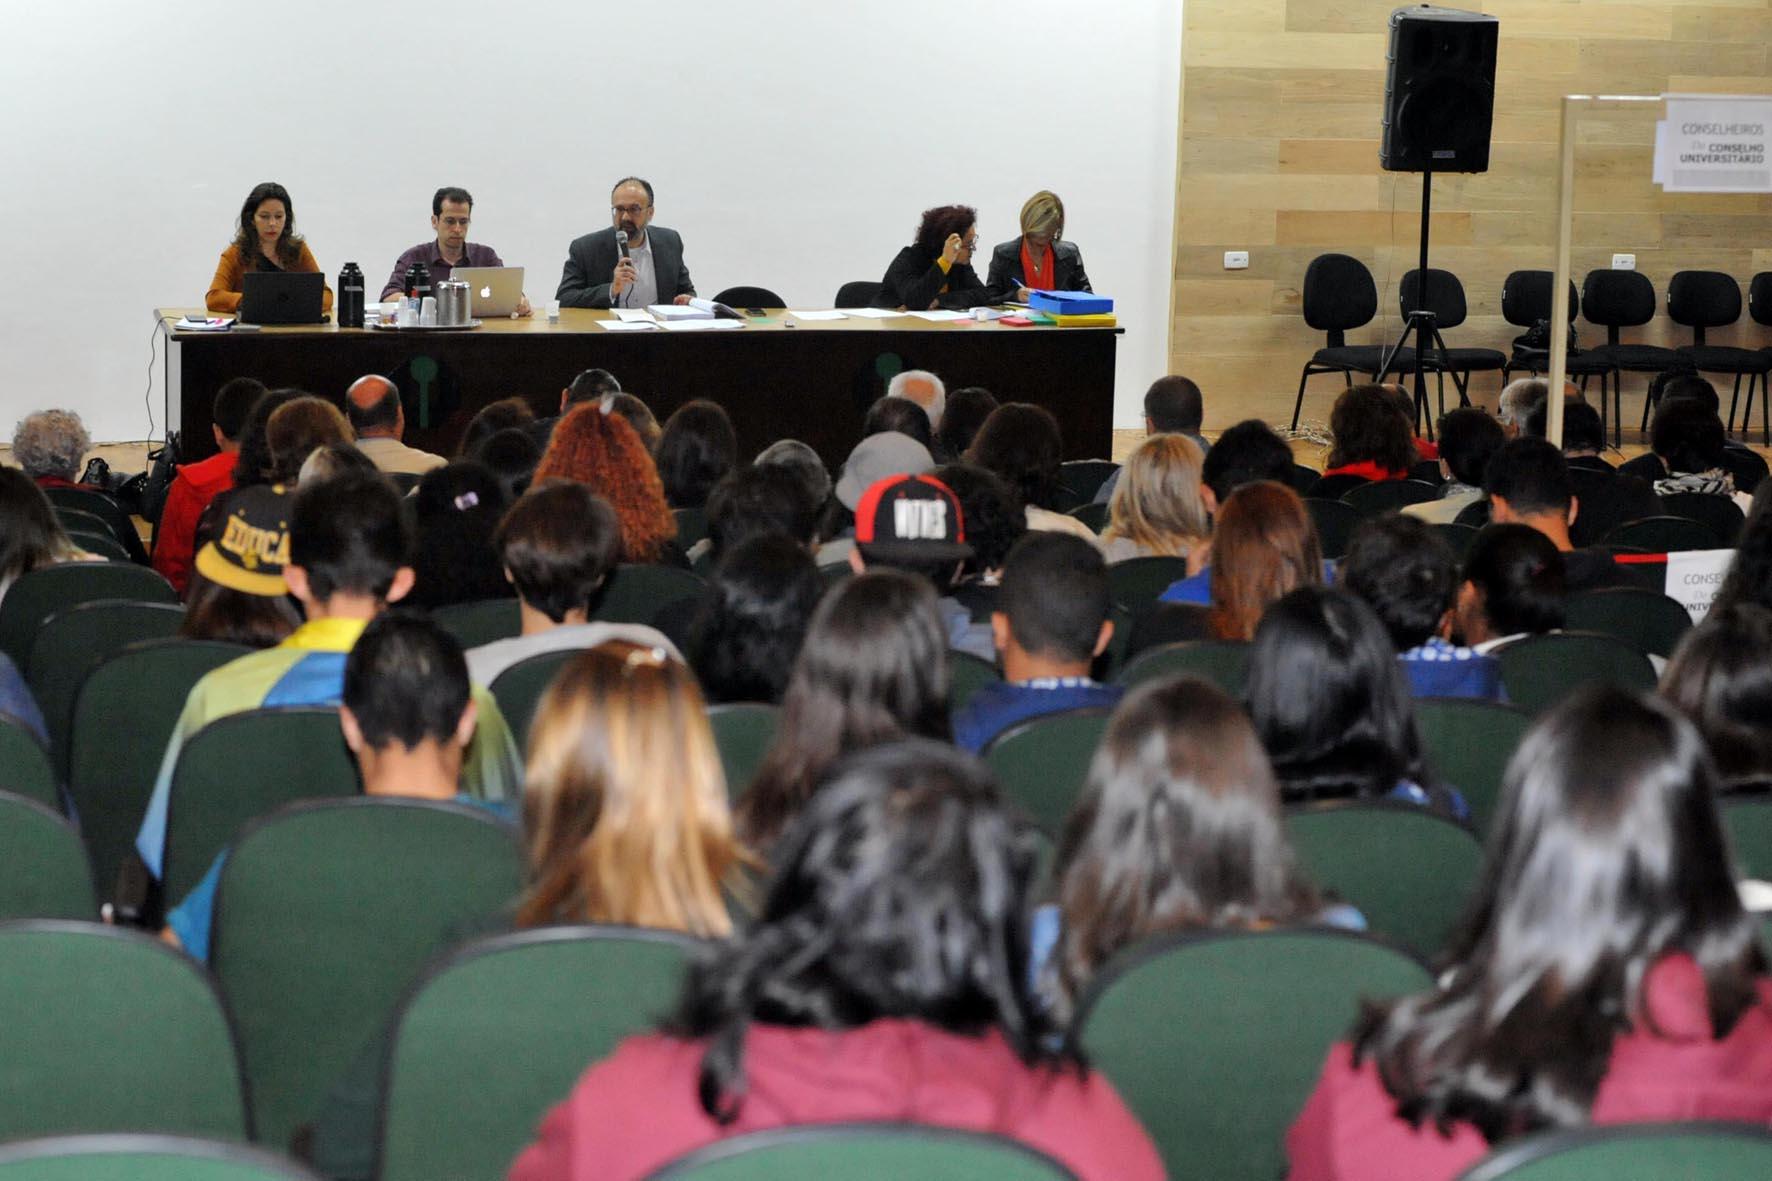 Conselho Universitário pede suspensão da tramitação e debate ampliado sobre a LGU